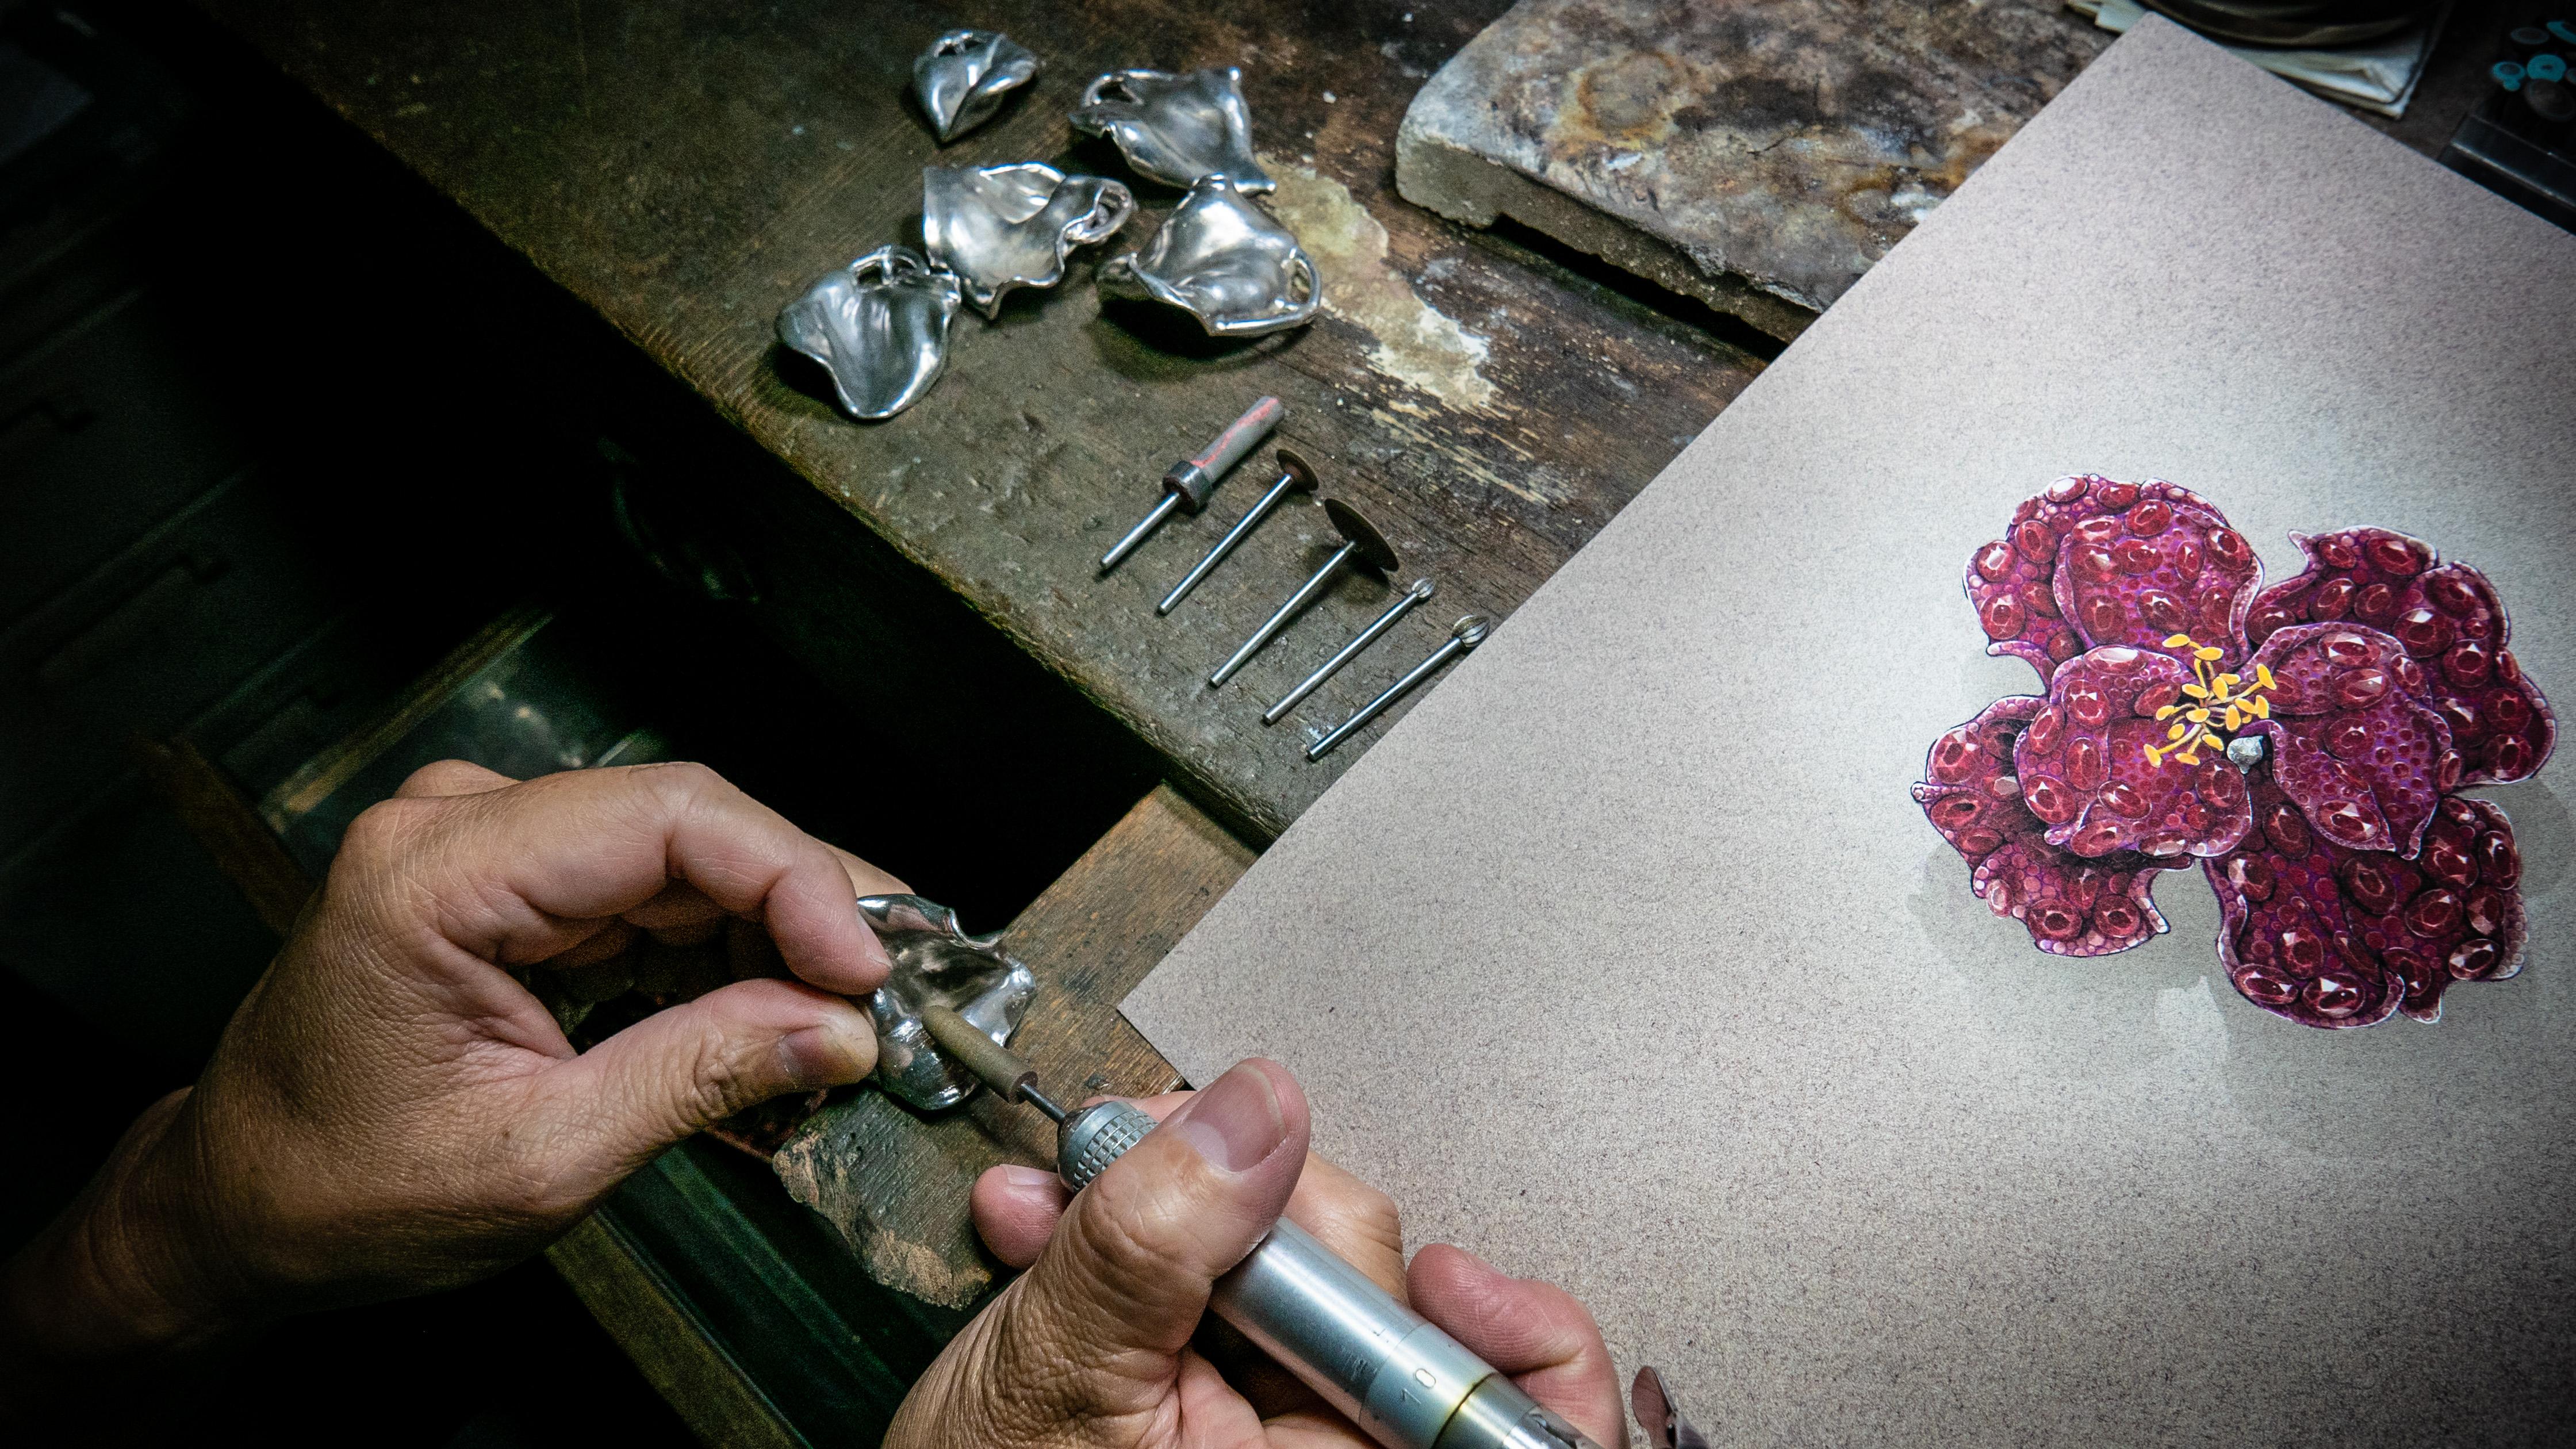 """CINDY CHAO艺术珠宝耗时十年 打造""""红宝石牡丹胸针""""纳入英国国立维多利亚与艾尔伯特V&A博物馆永久典藏"""